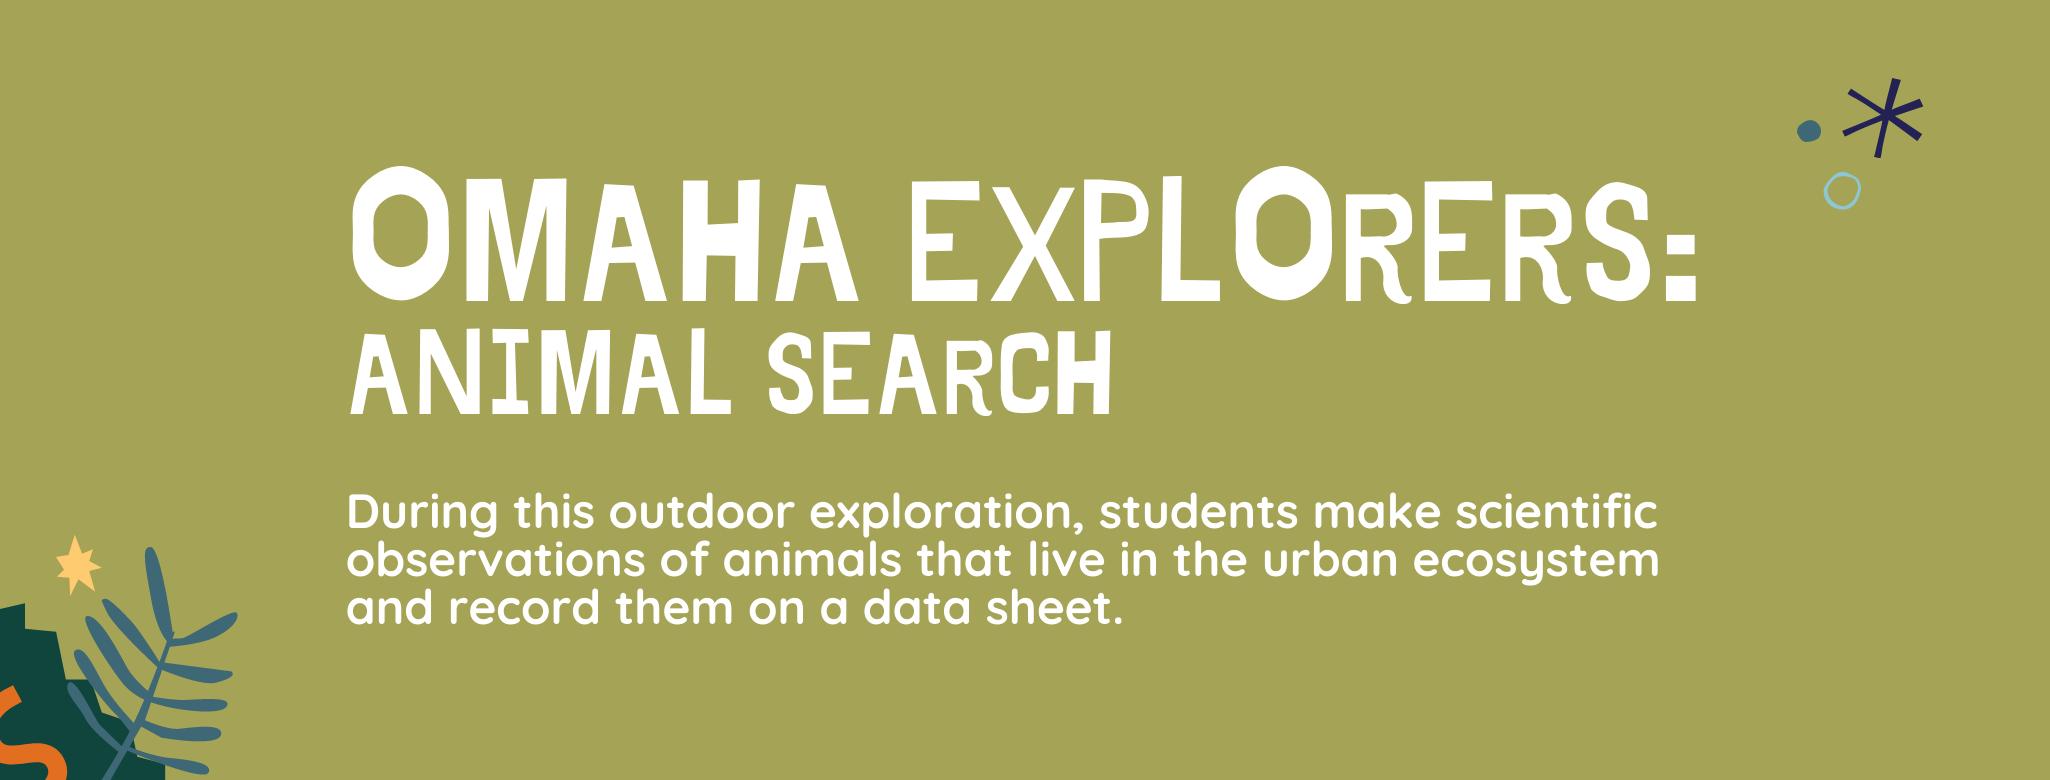 Omaha Explorers: Animal Search